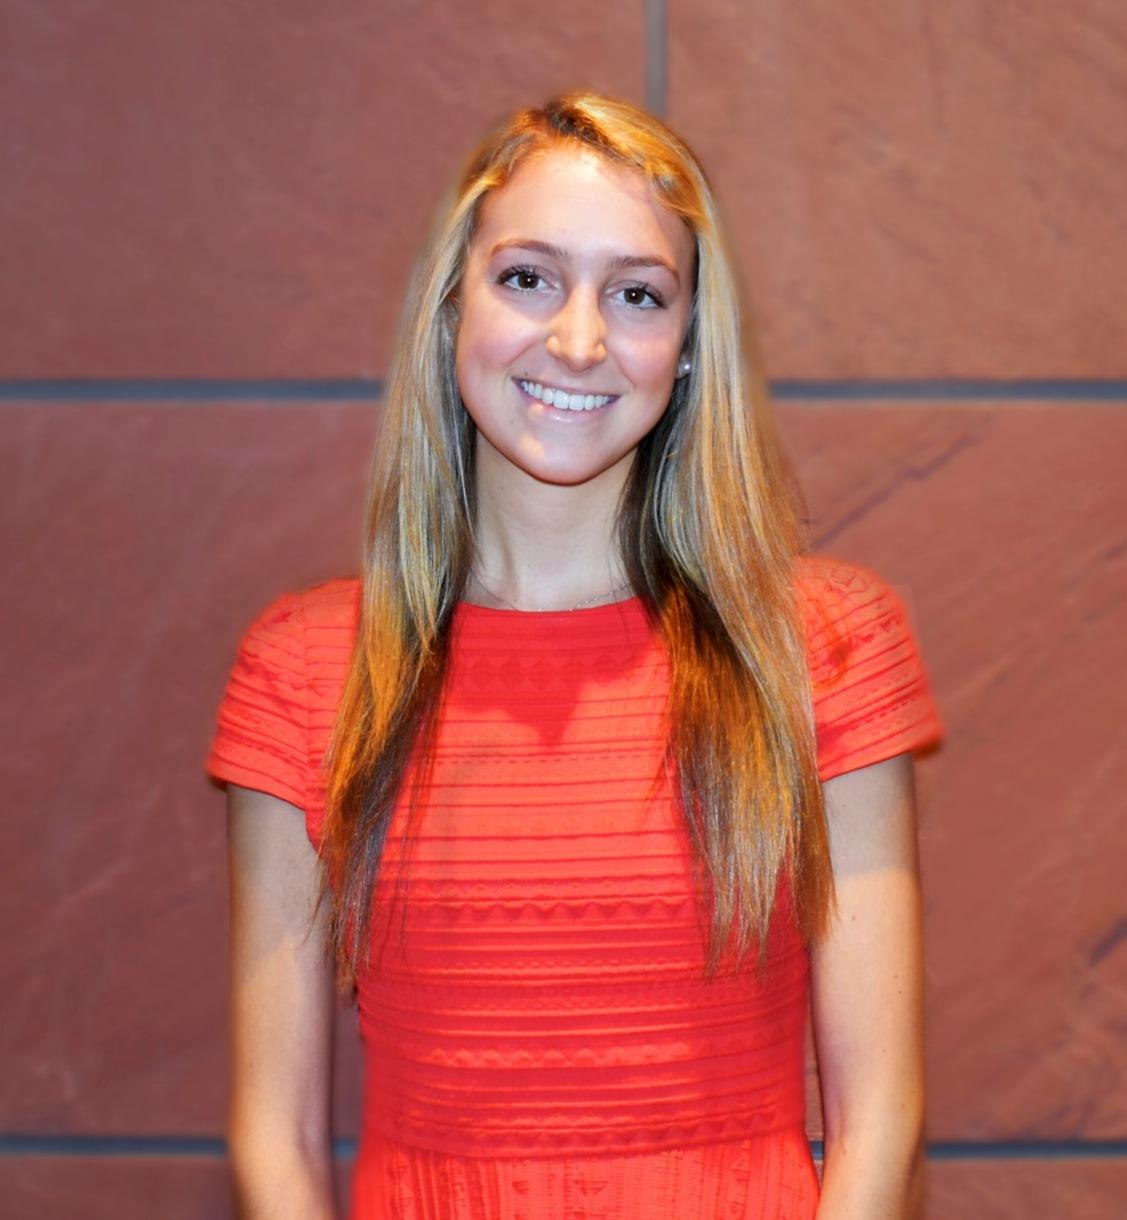 Ashley Isenberg